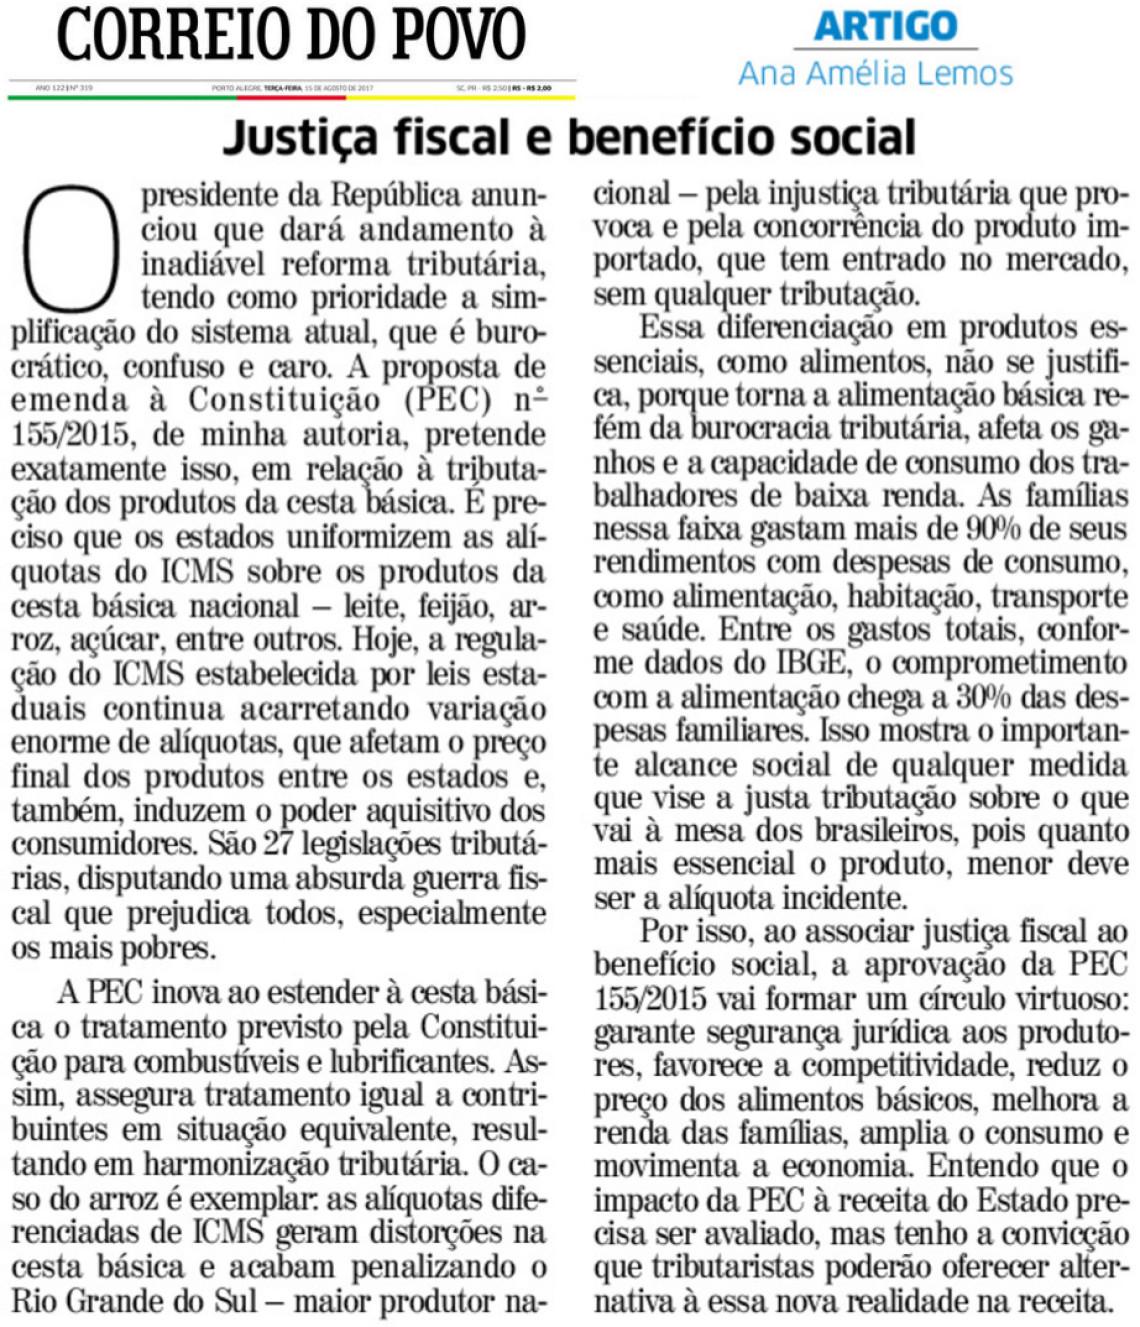 Artigo no Correio do Povo: Justiça fiscal e benefício social